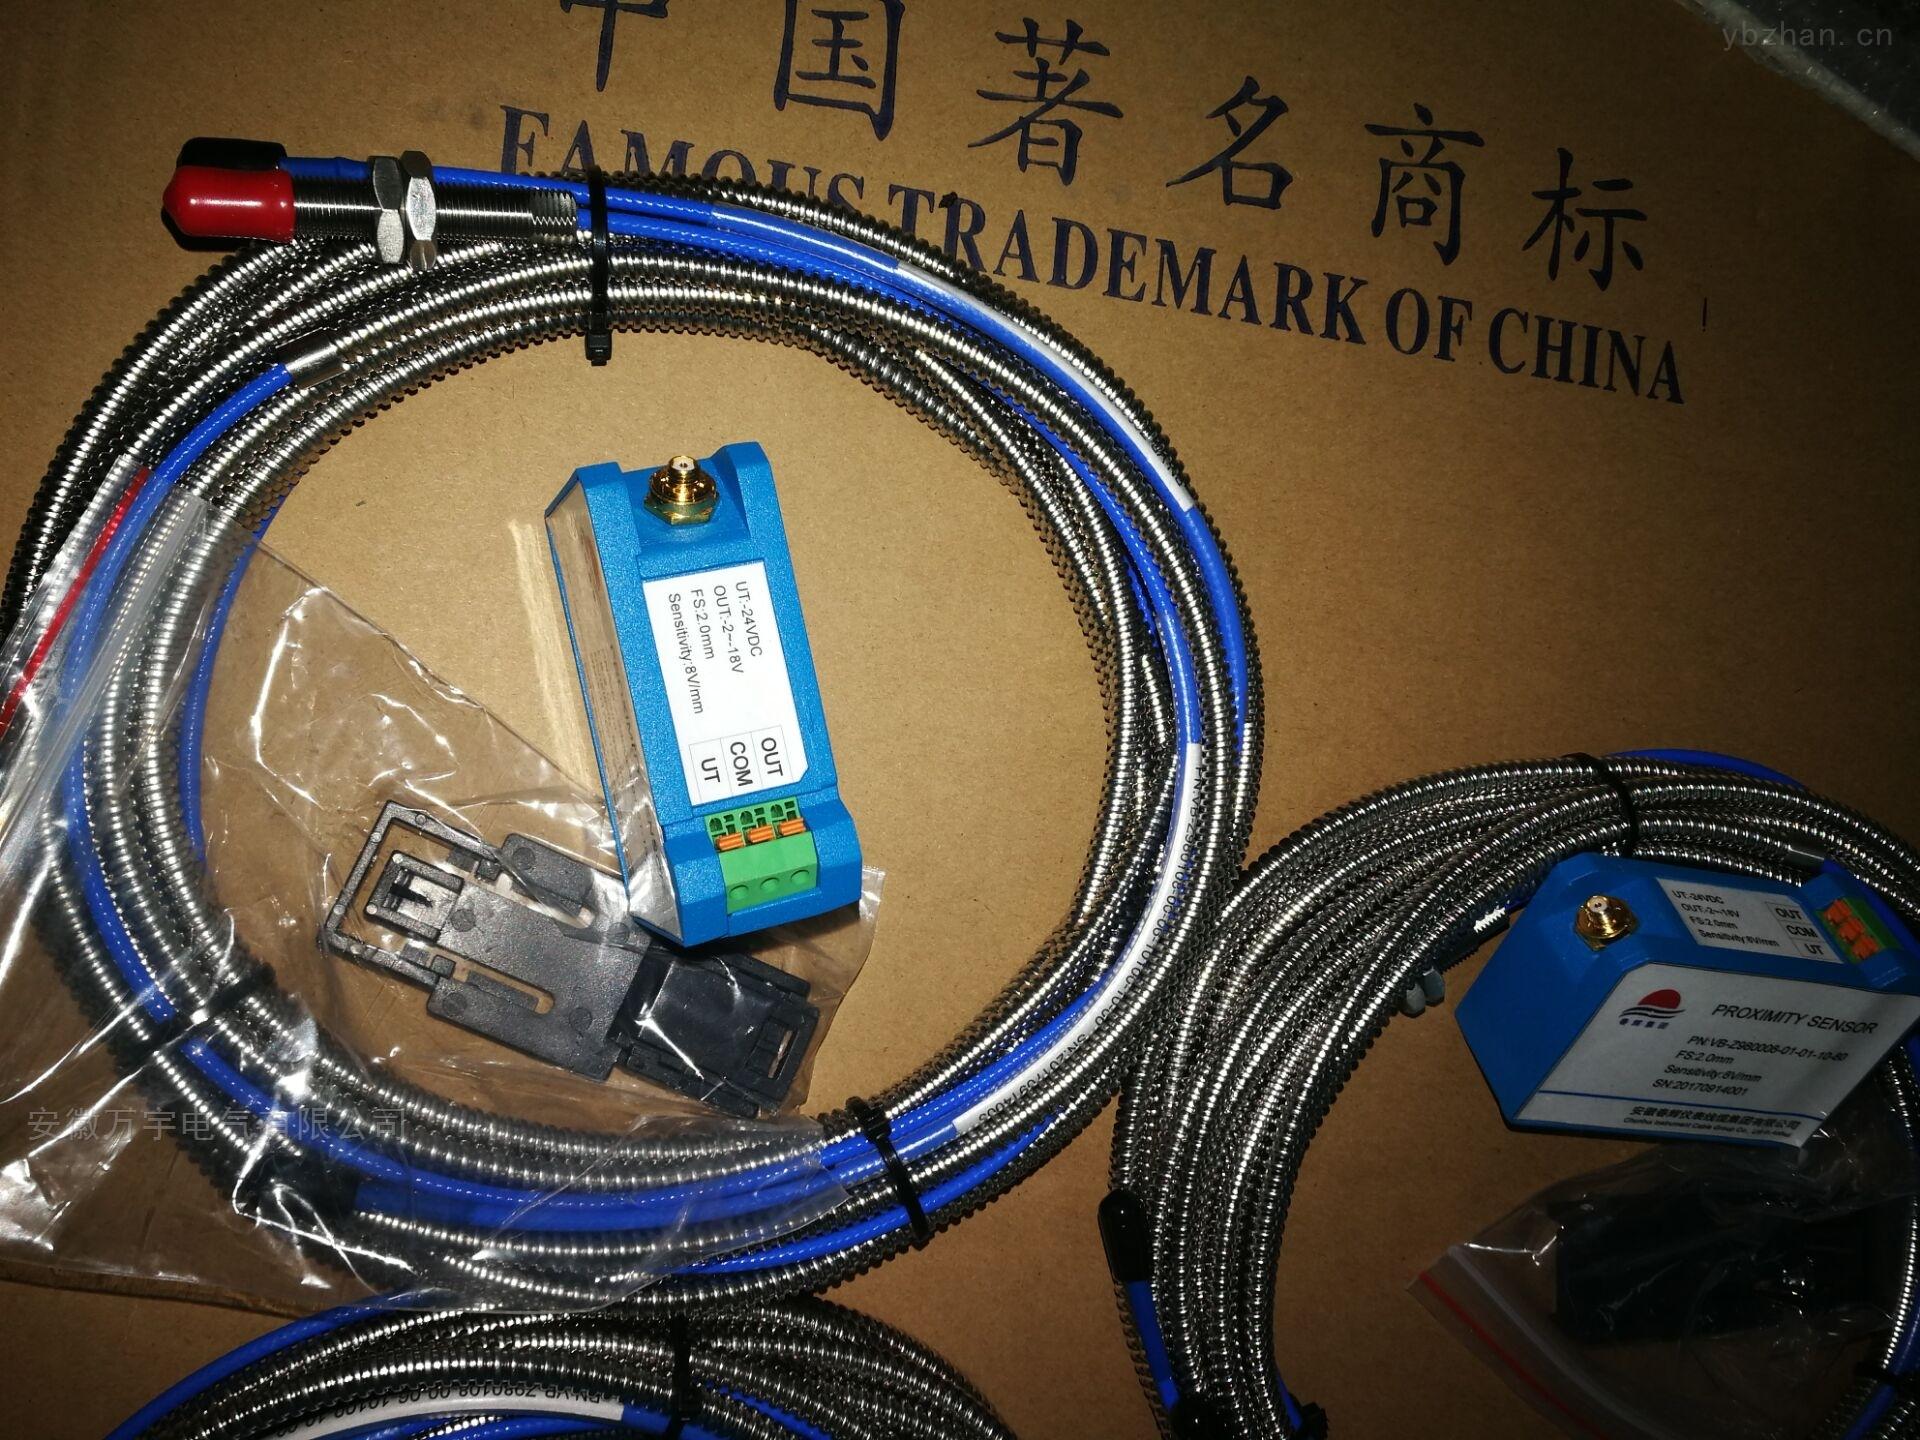 轴振延长线轴位移传感器